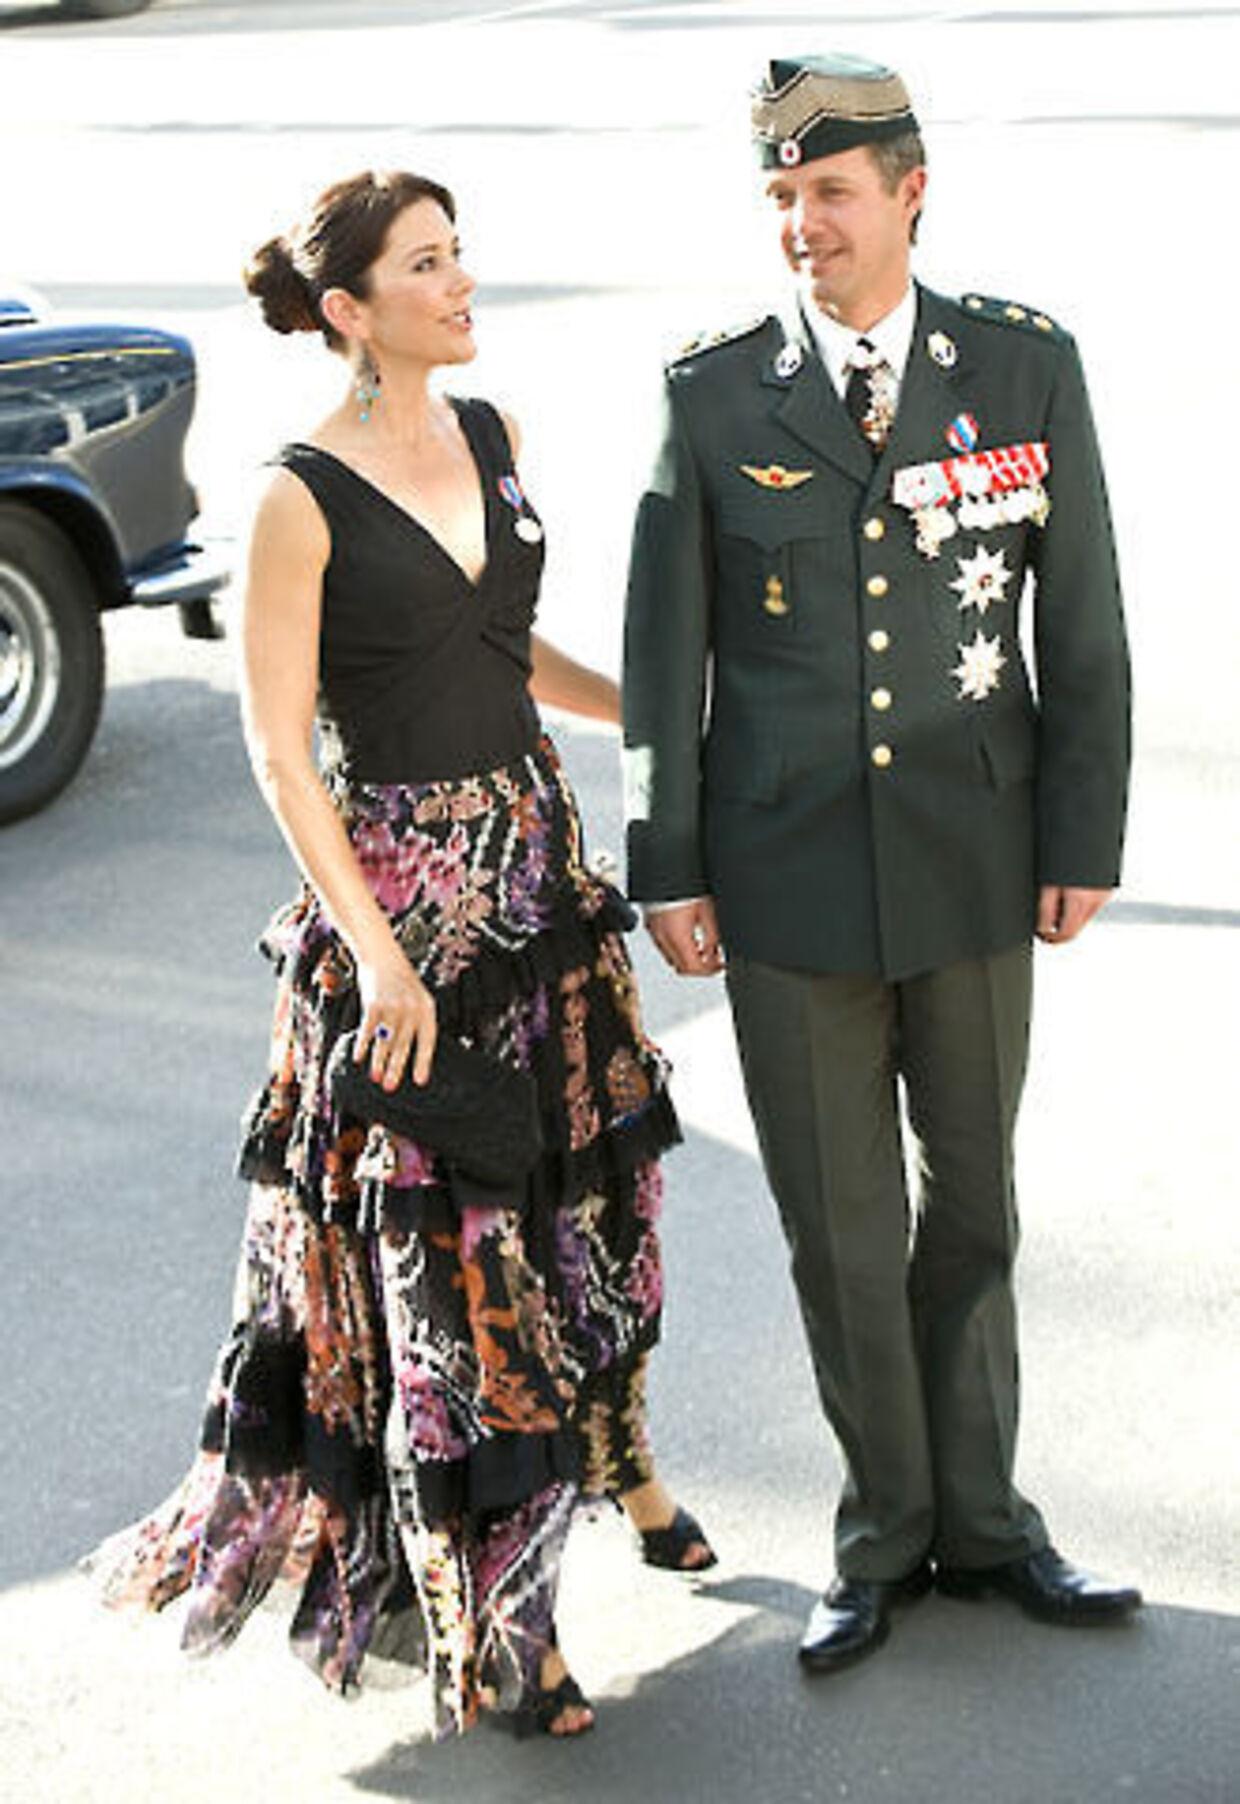 Kronprins Frederik er klar til at rejse fra Kronprinsesse Mary. Foto: Keld Navntoft.